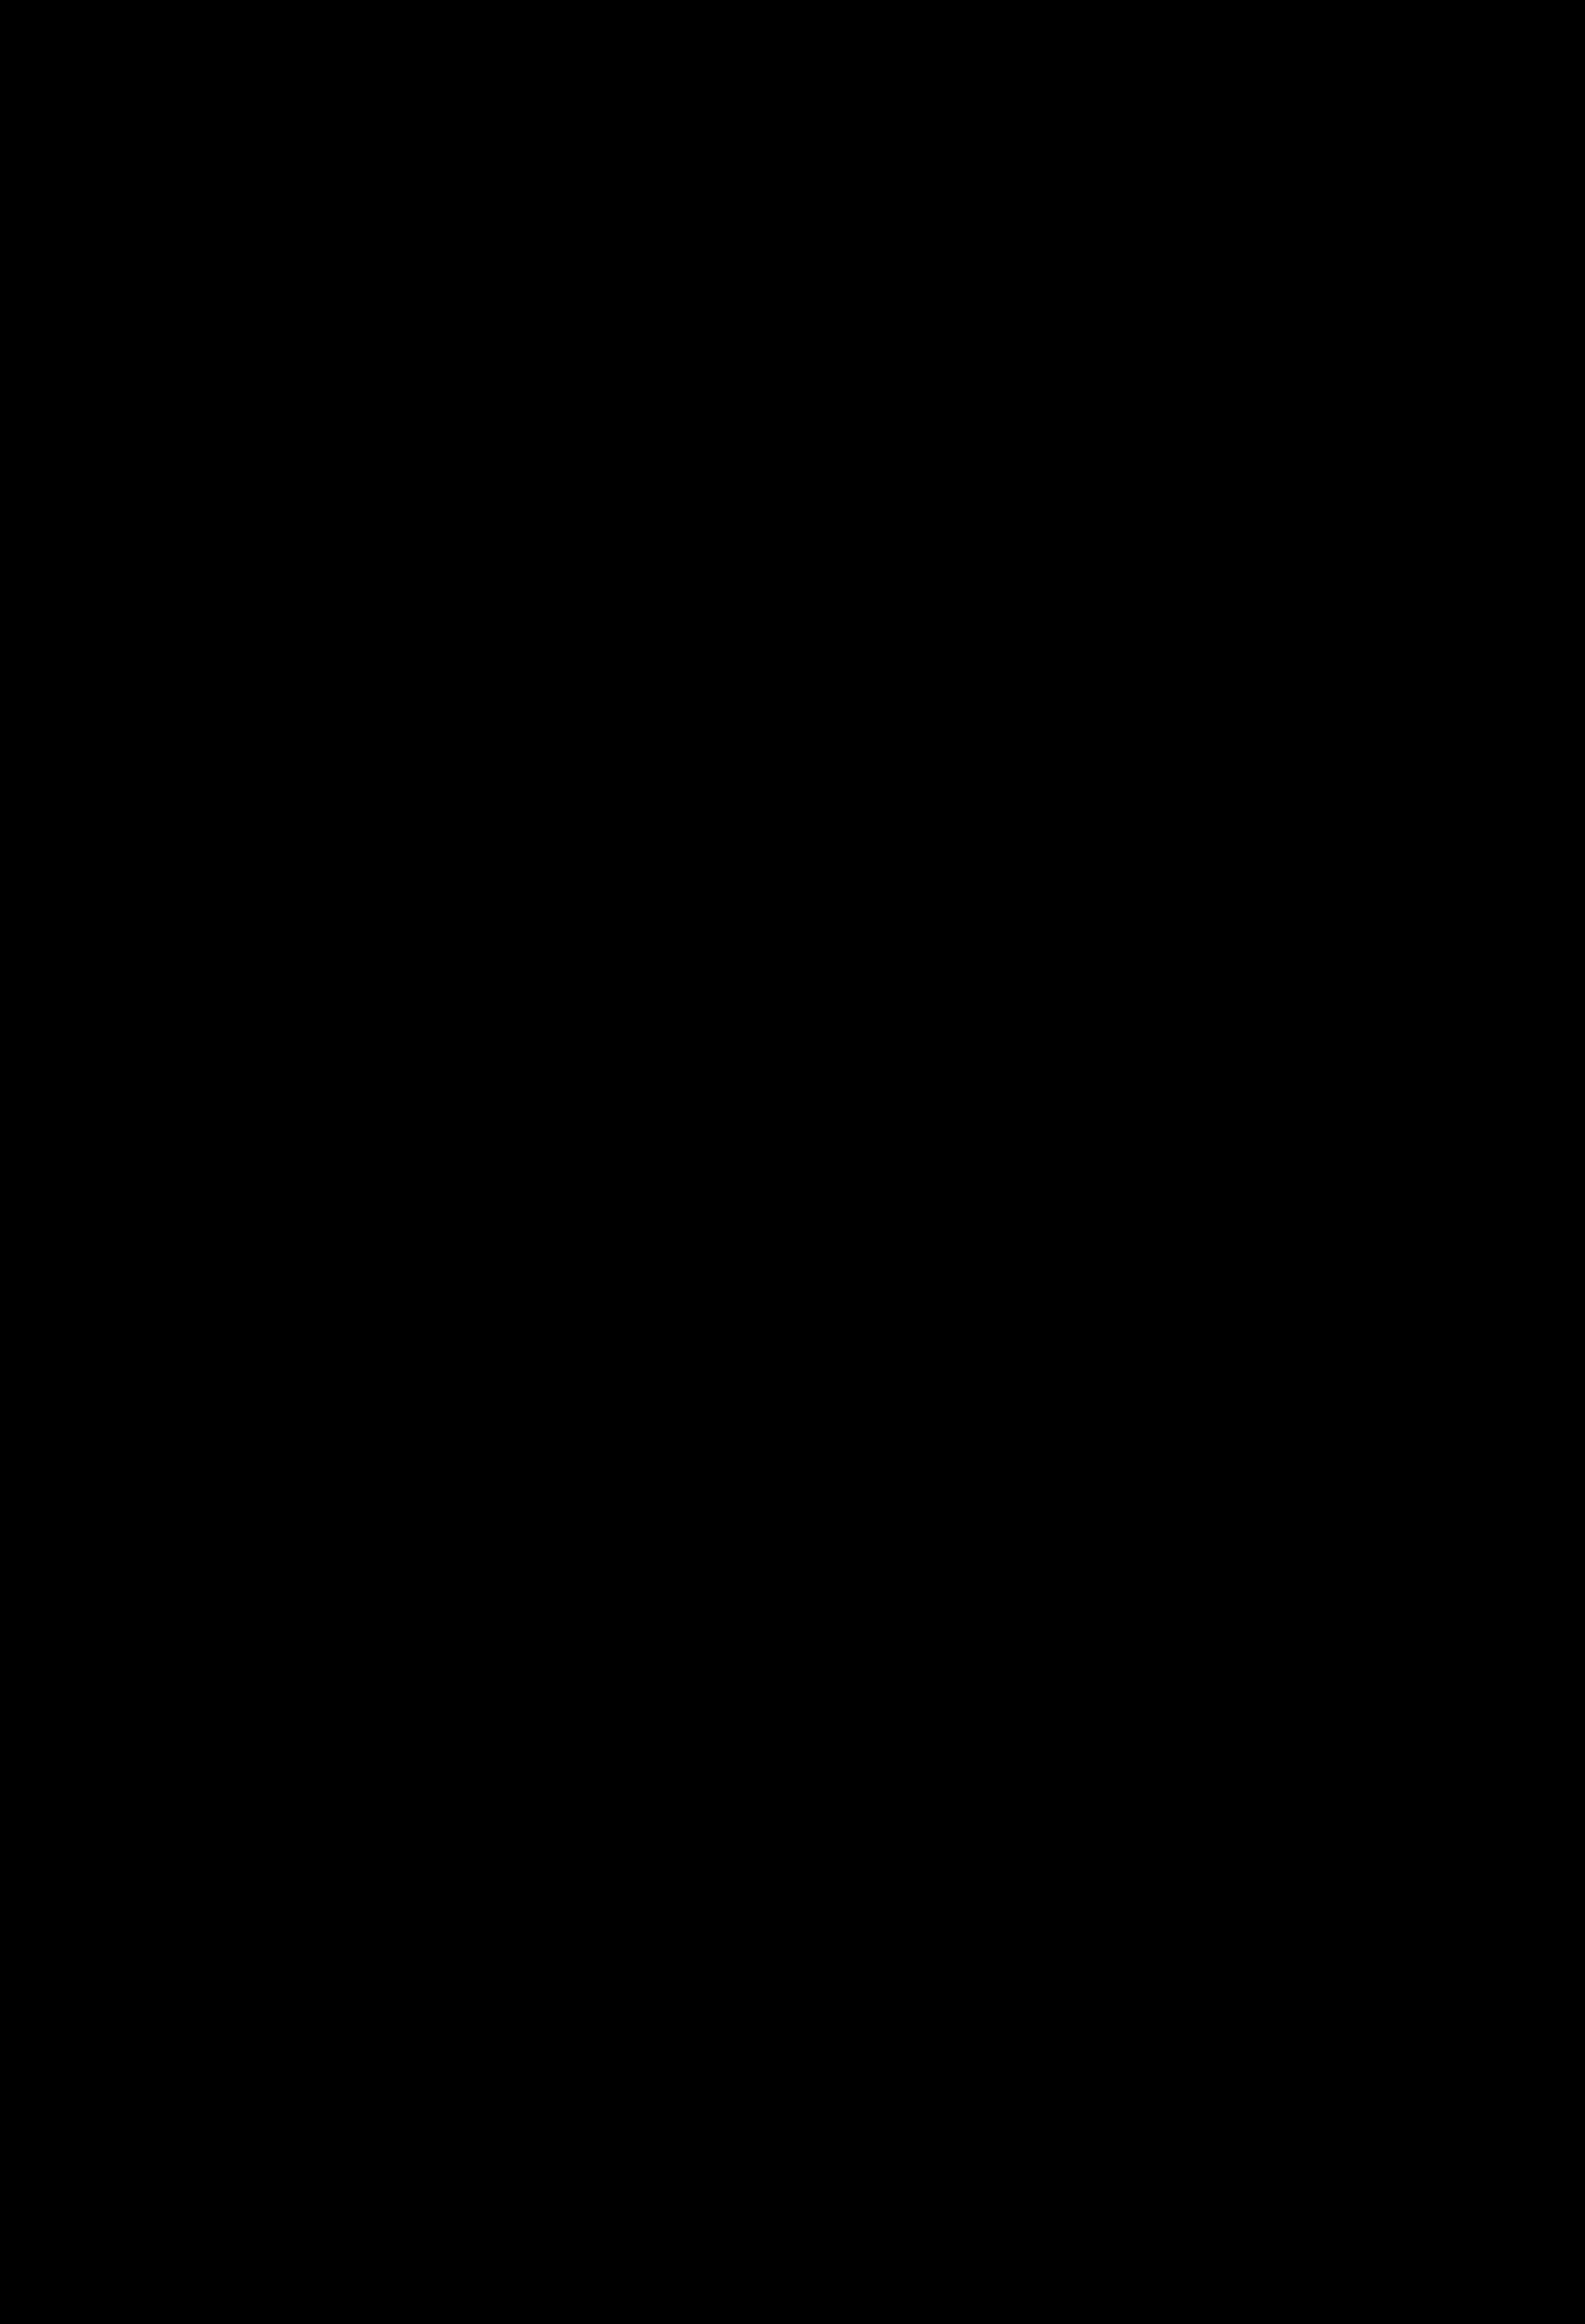 У. Г. Пирумов Численные методы. Учебное пособие для студентов втузов цена